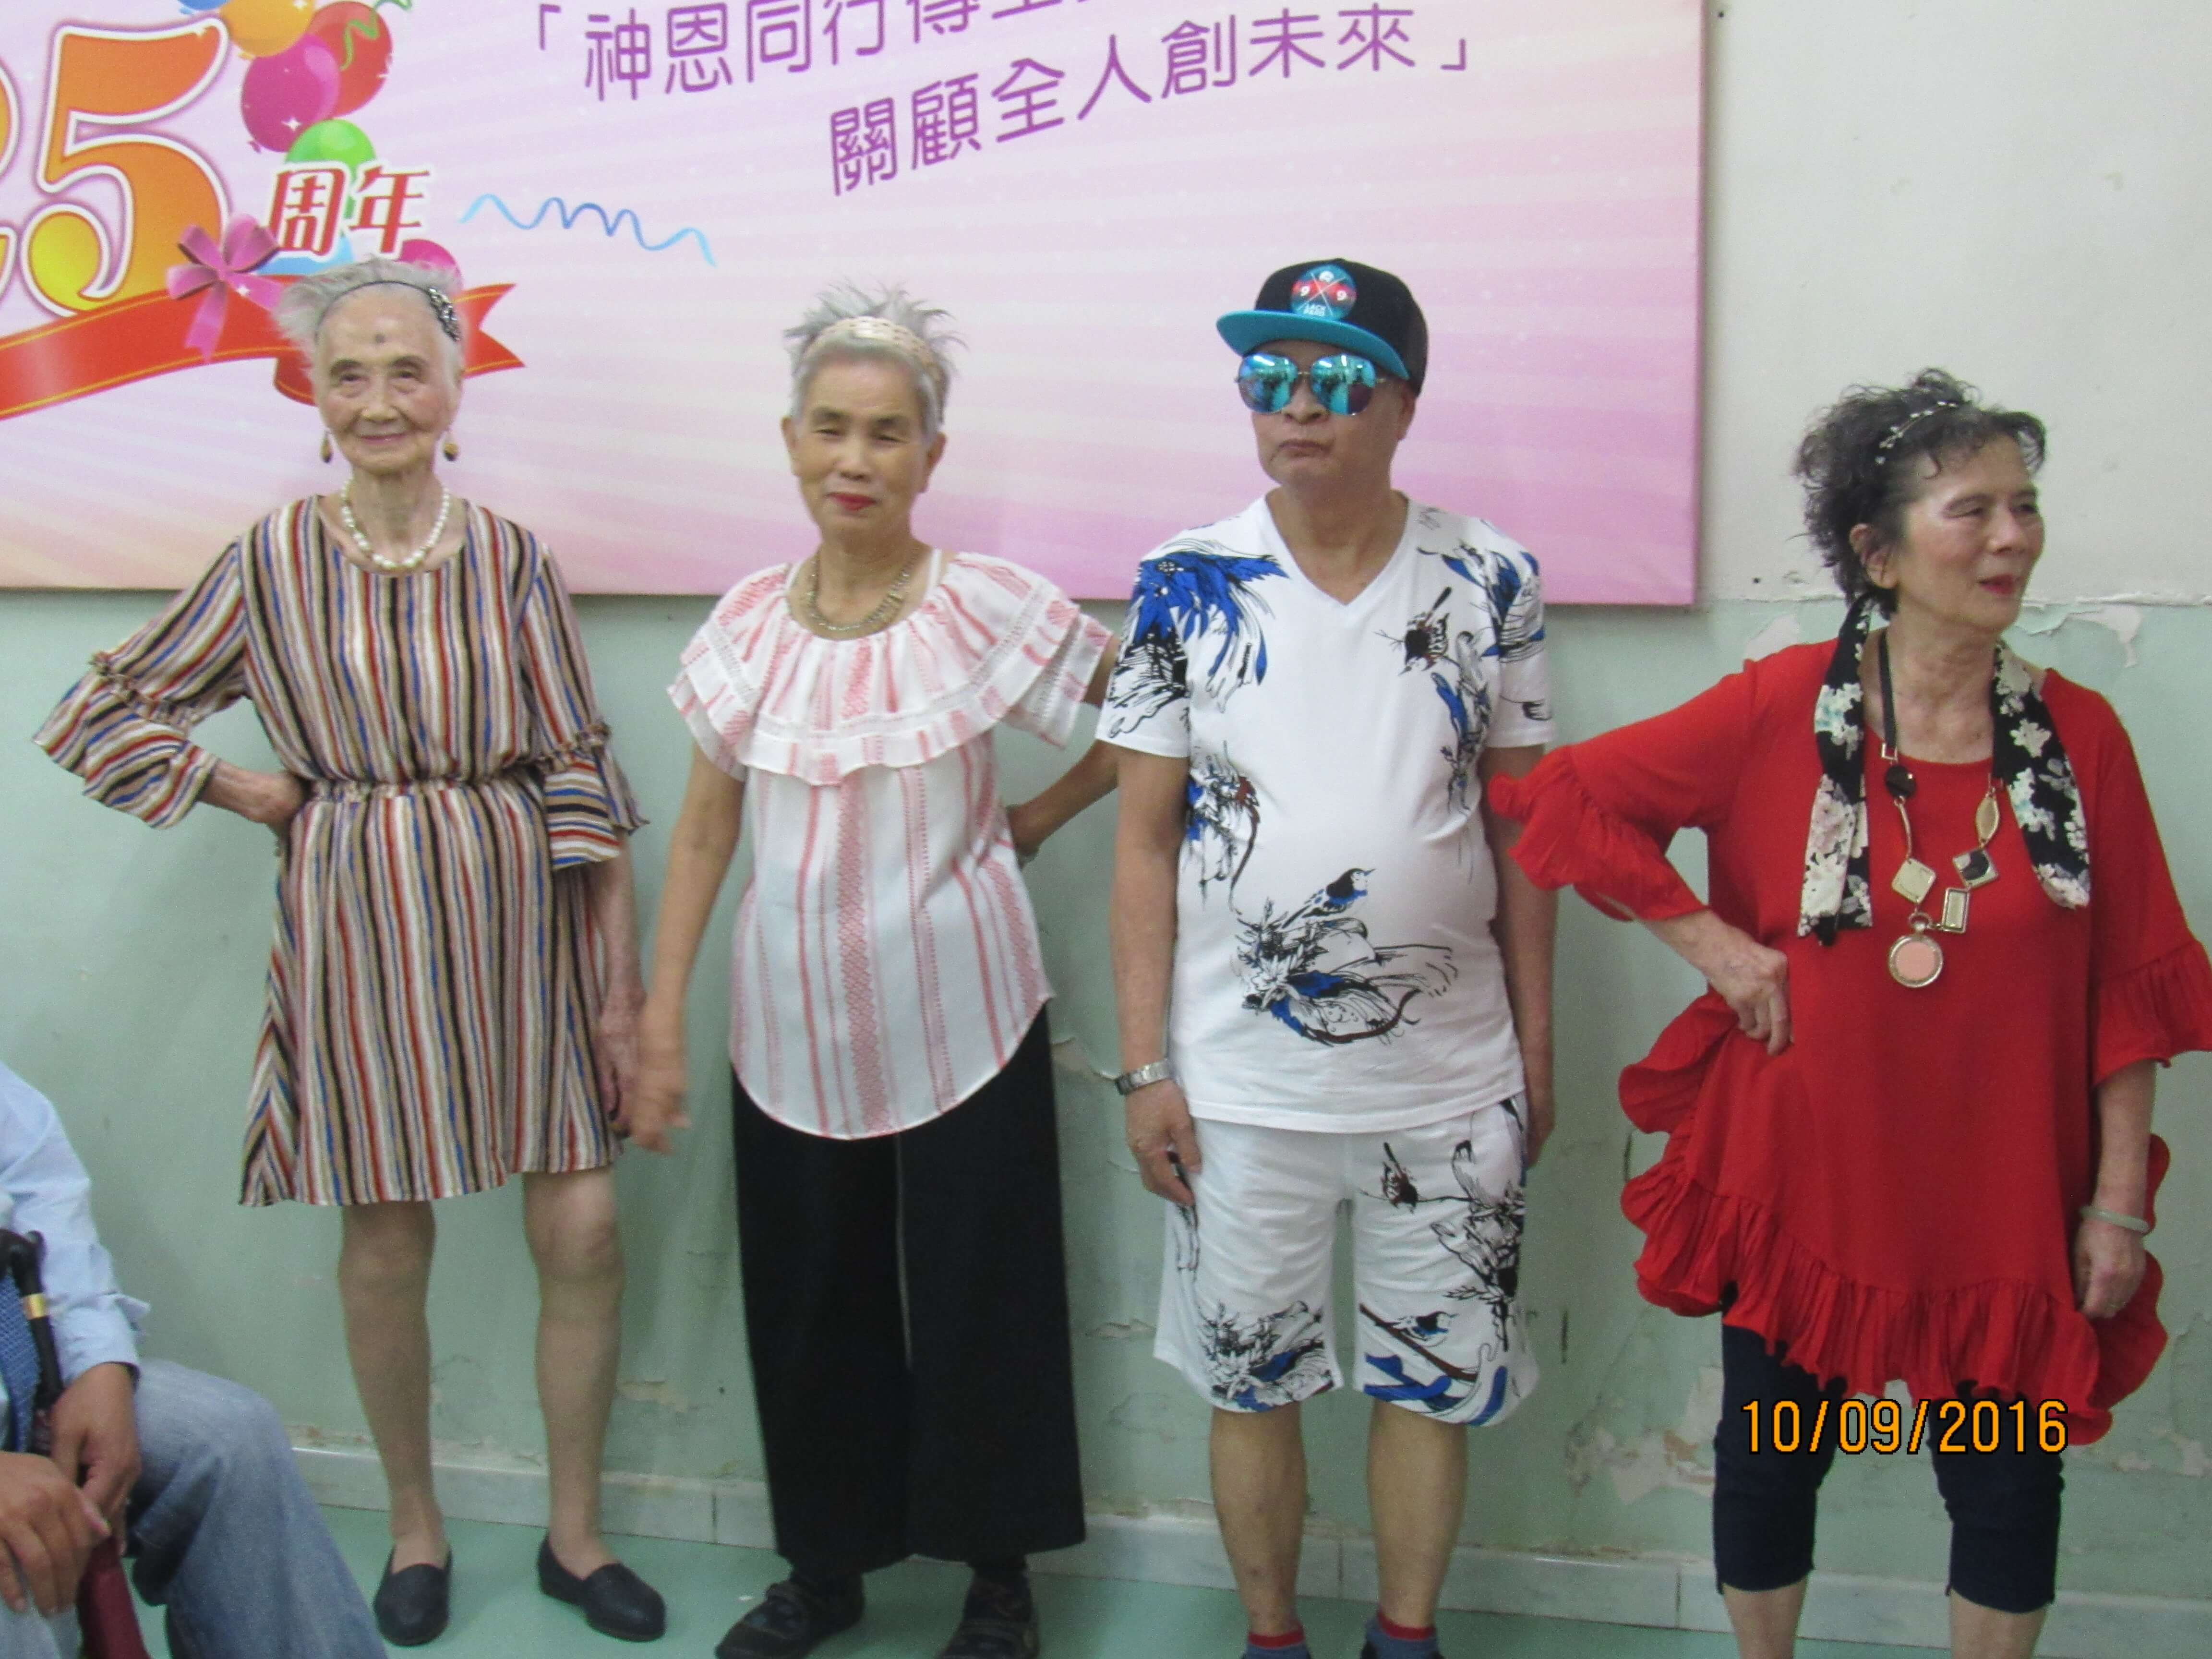 Elder Fashion Cat Walk Show